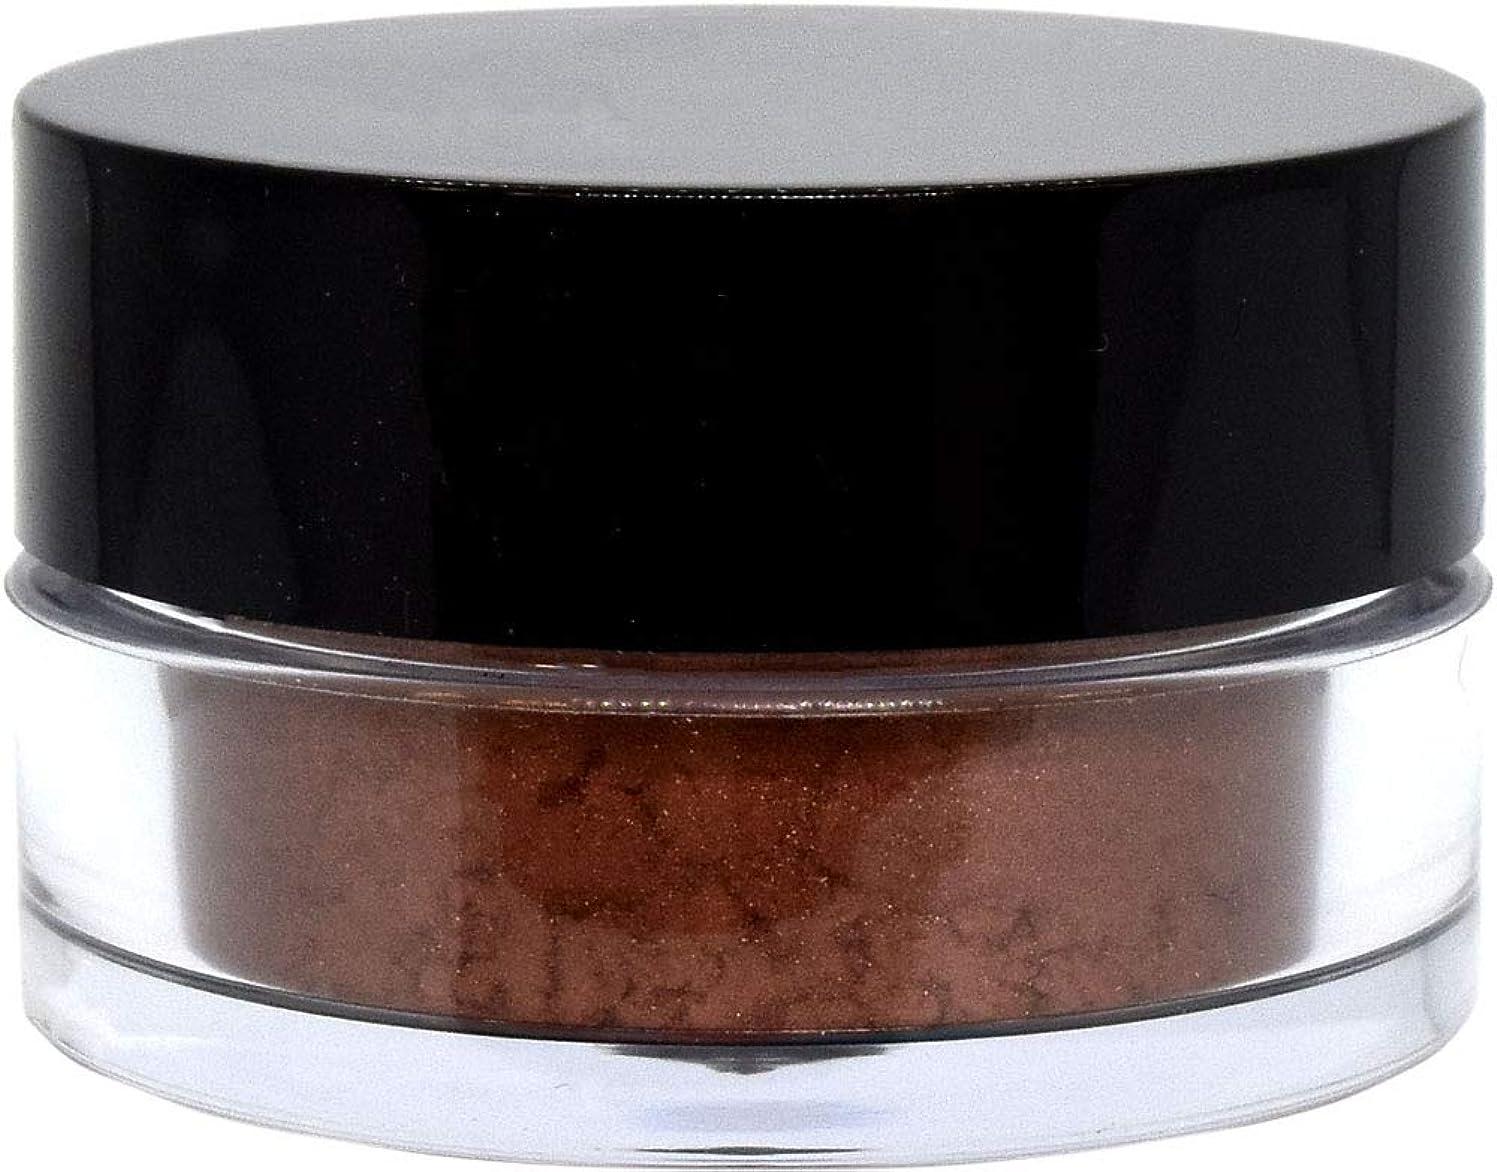 日焼けシーン拡大する三善 プチカラー 高発色 アイシャドウ パール col:27 ブロンズレッド系